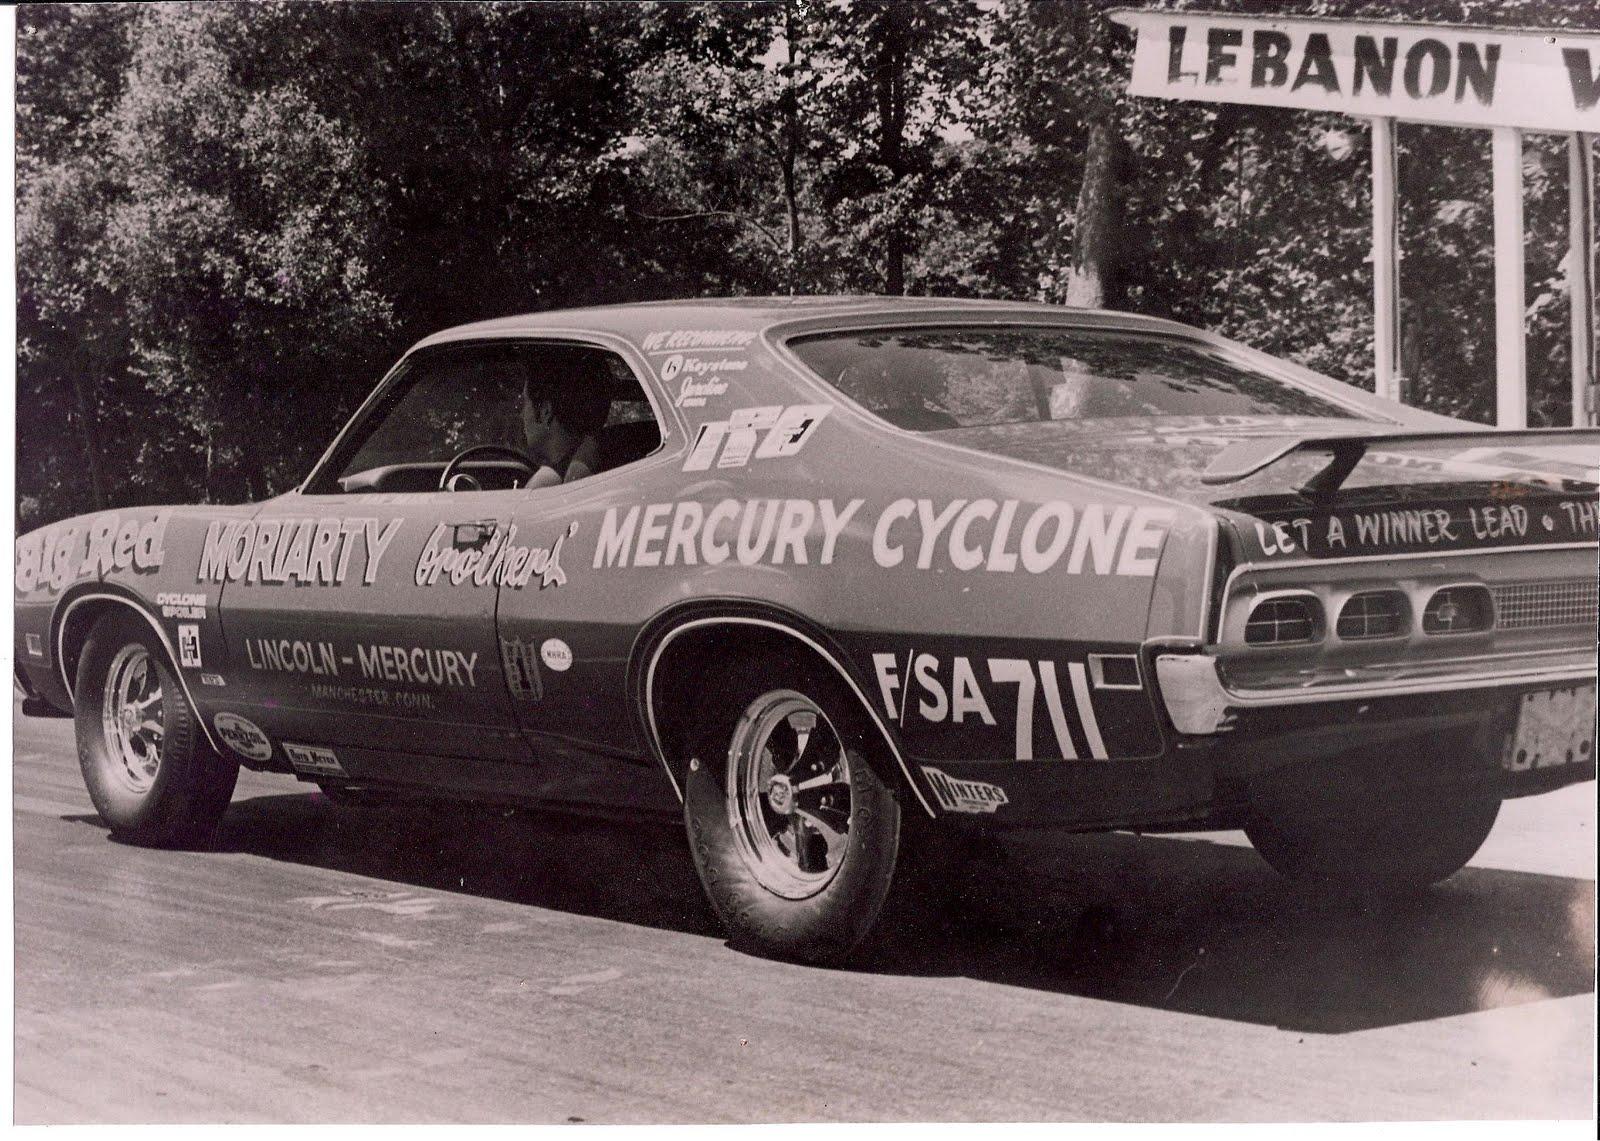 a Lincoln-Mercury